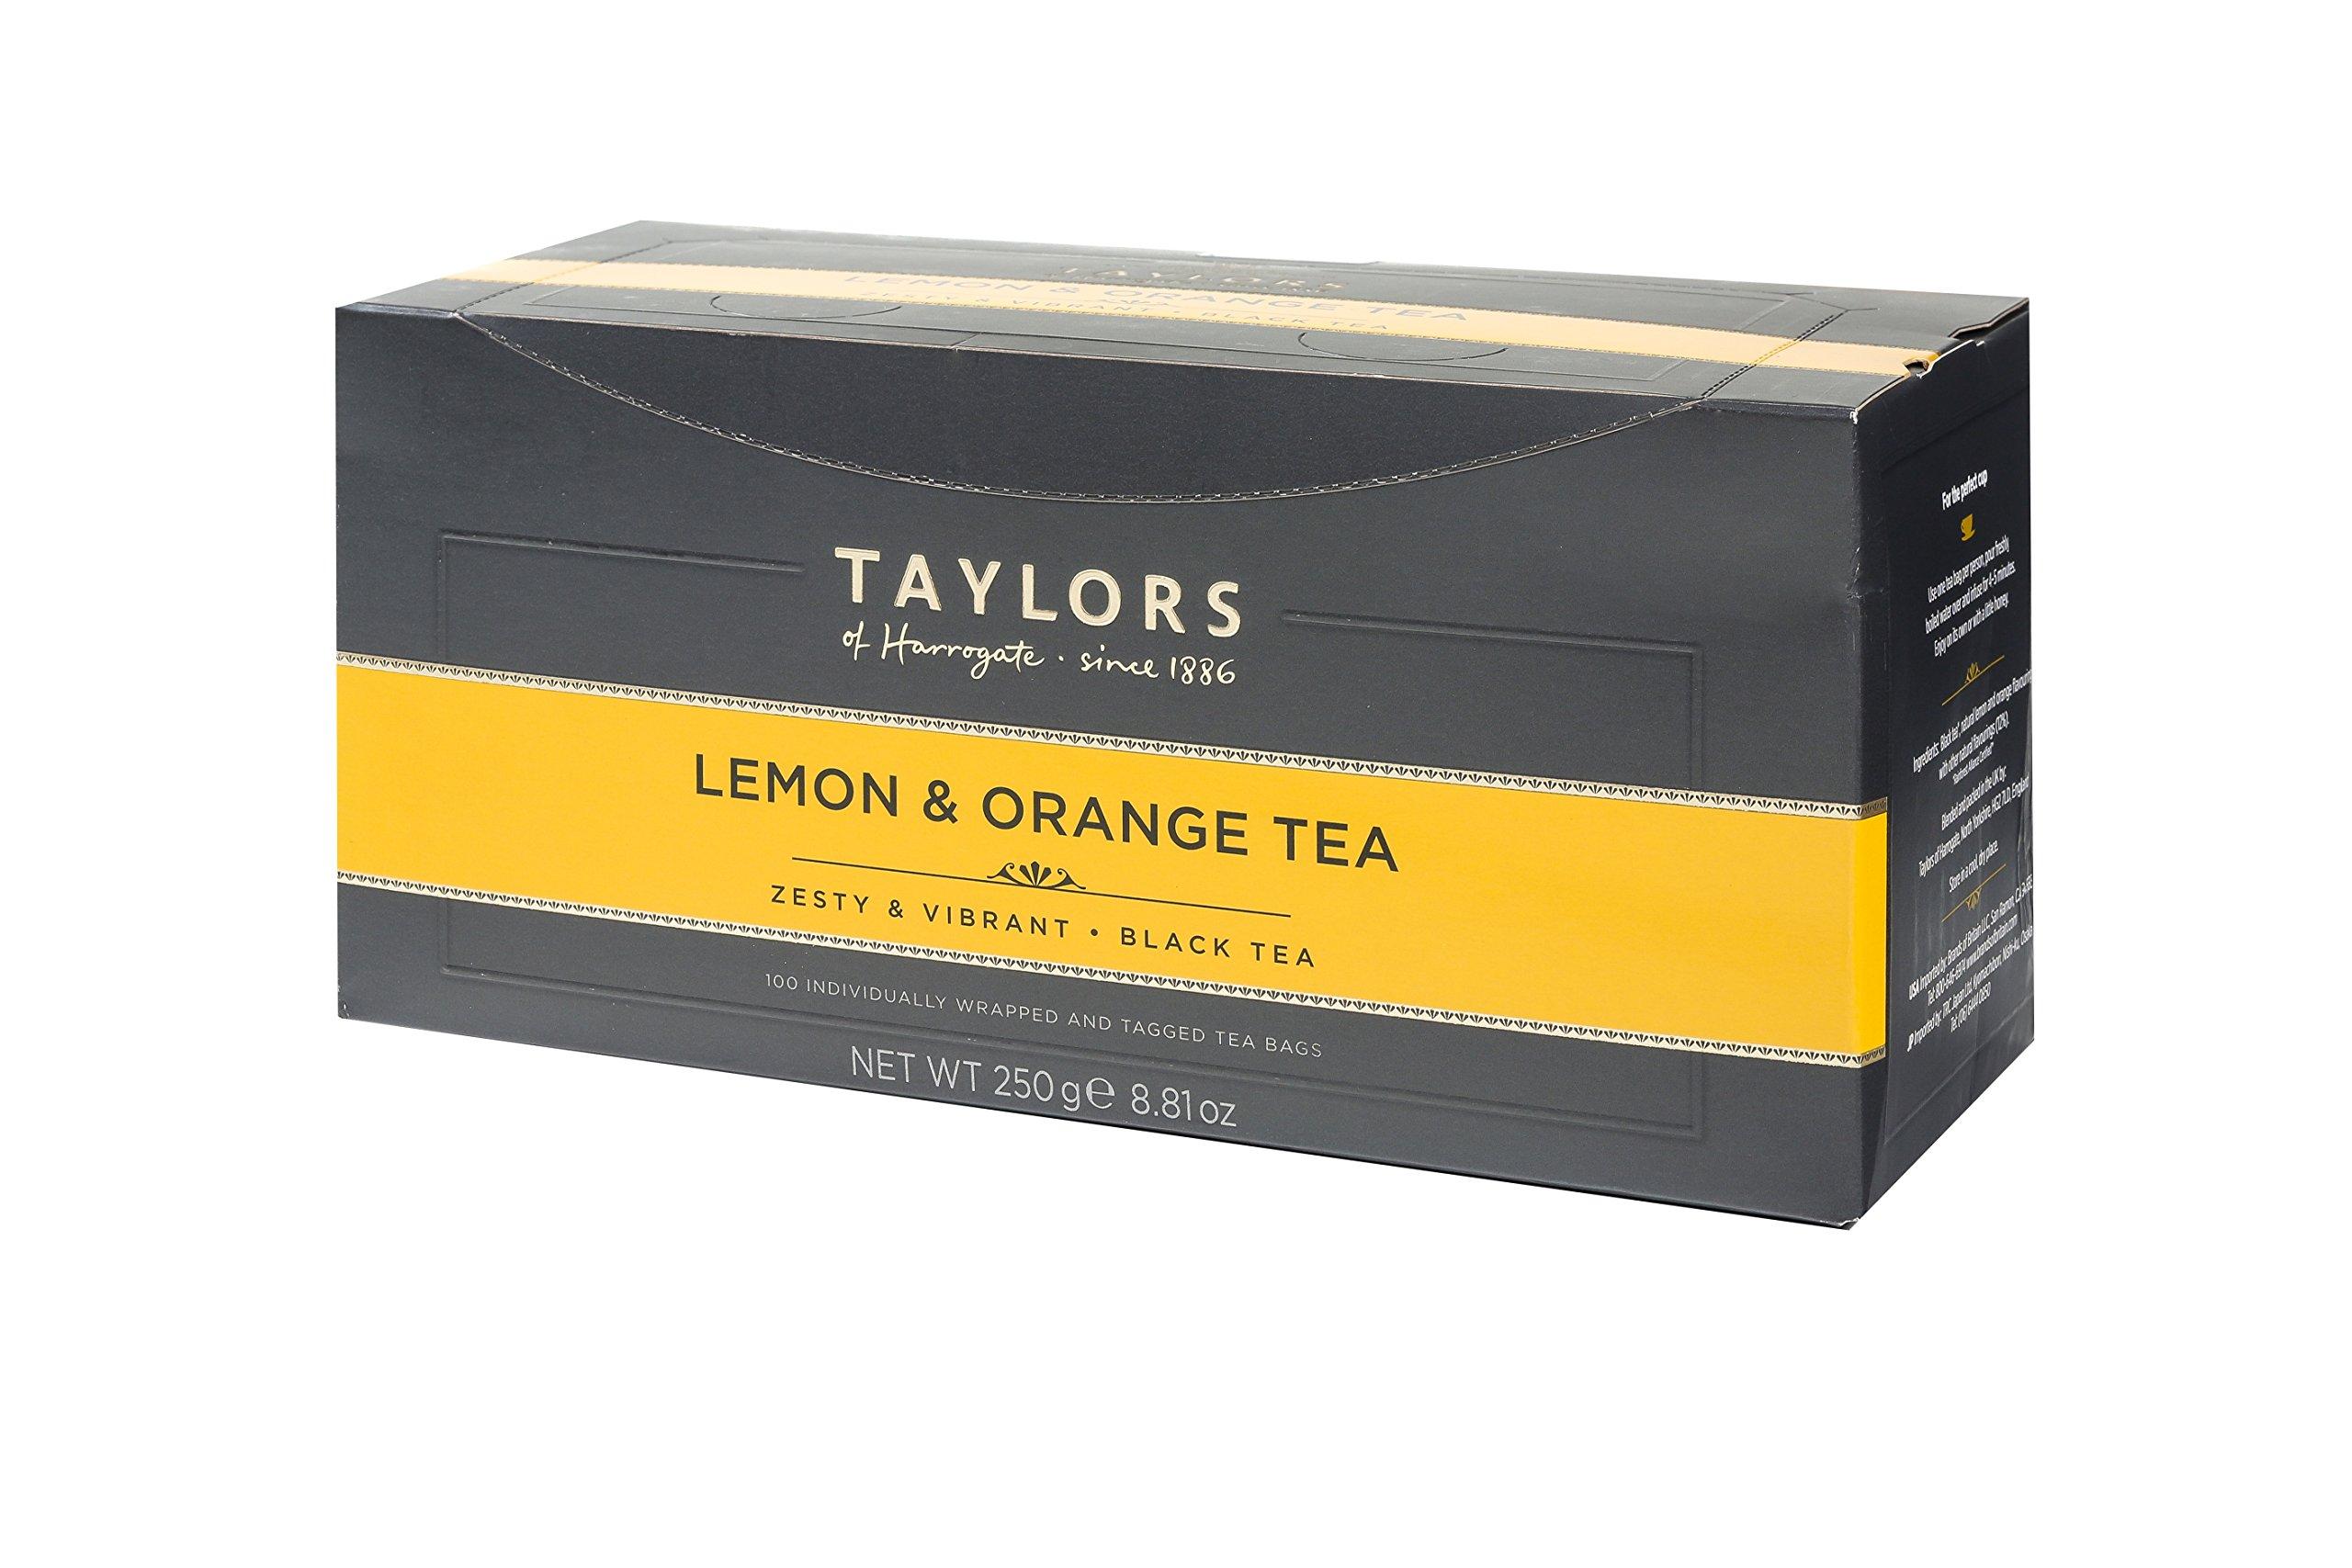 Taylors of Harrogate Lemon & Orange Black Tea, 100 Teabags